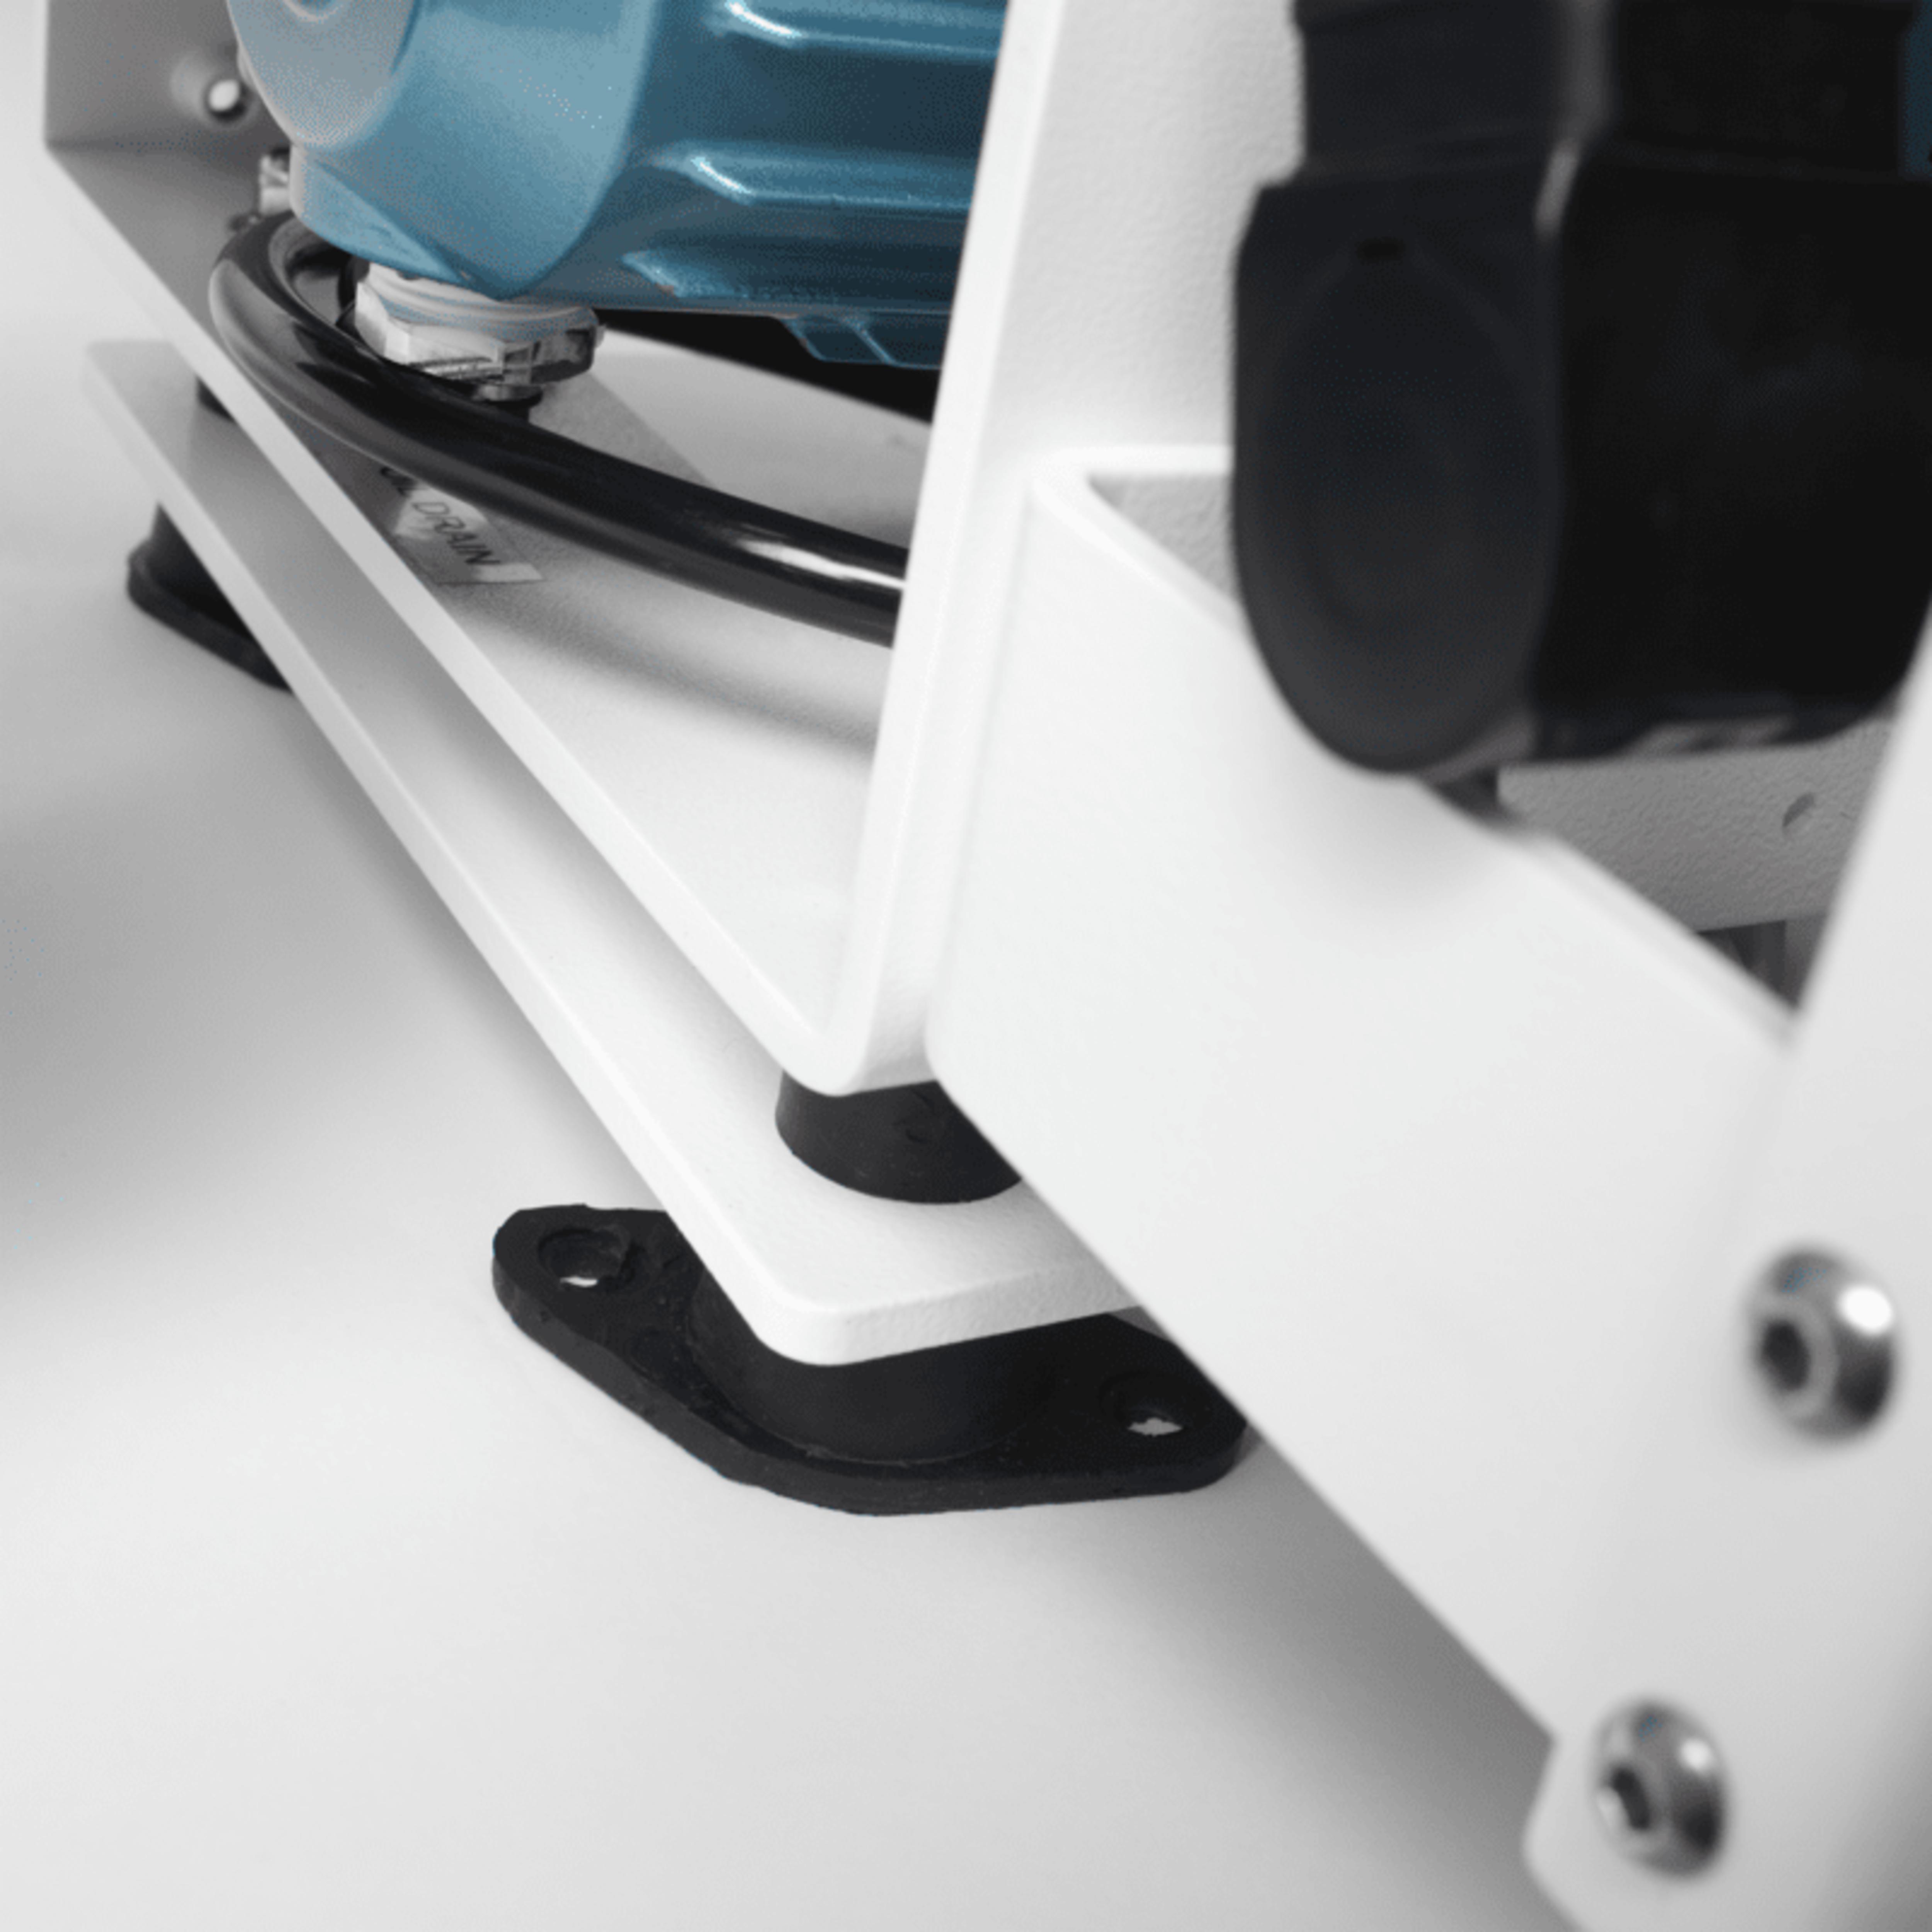 Vibration-isolation mounts reduce noise and vibration